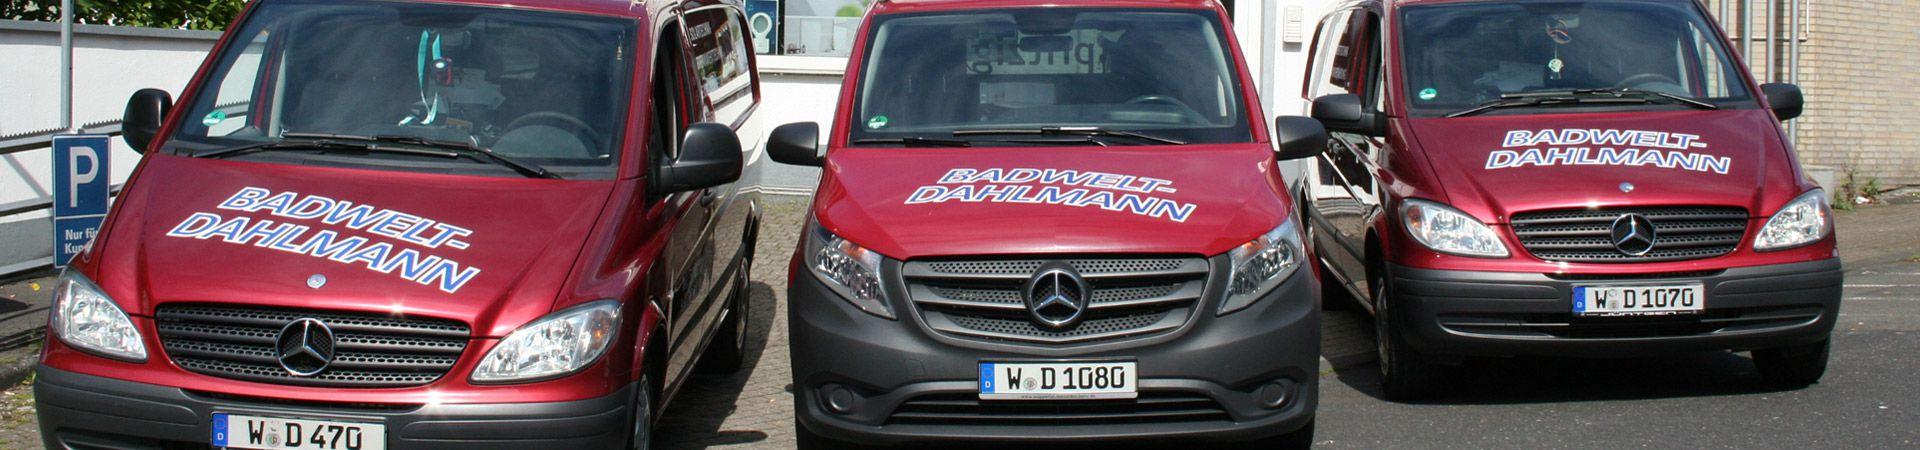 Ihr Sanitarinstallateur Aus Wuppertal Badwelt Dahlmann